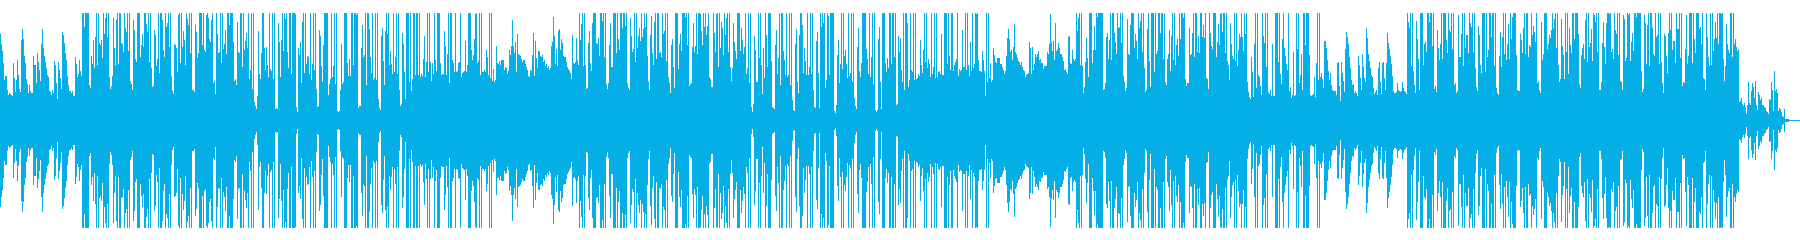 ローファイでお洒落なピアノトラックの再生済みの波形